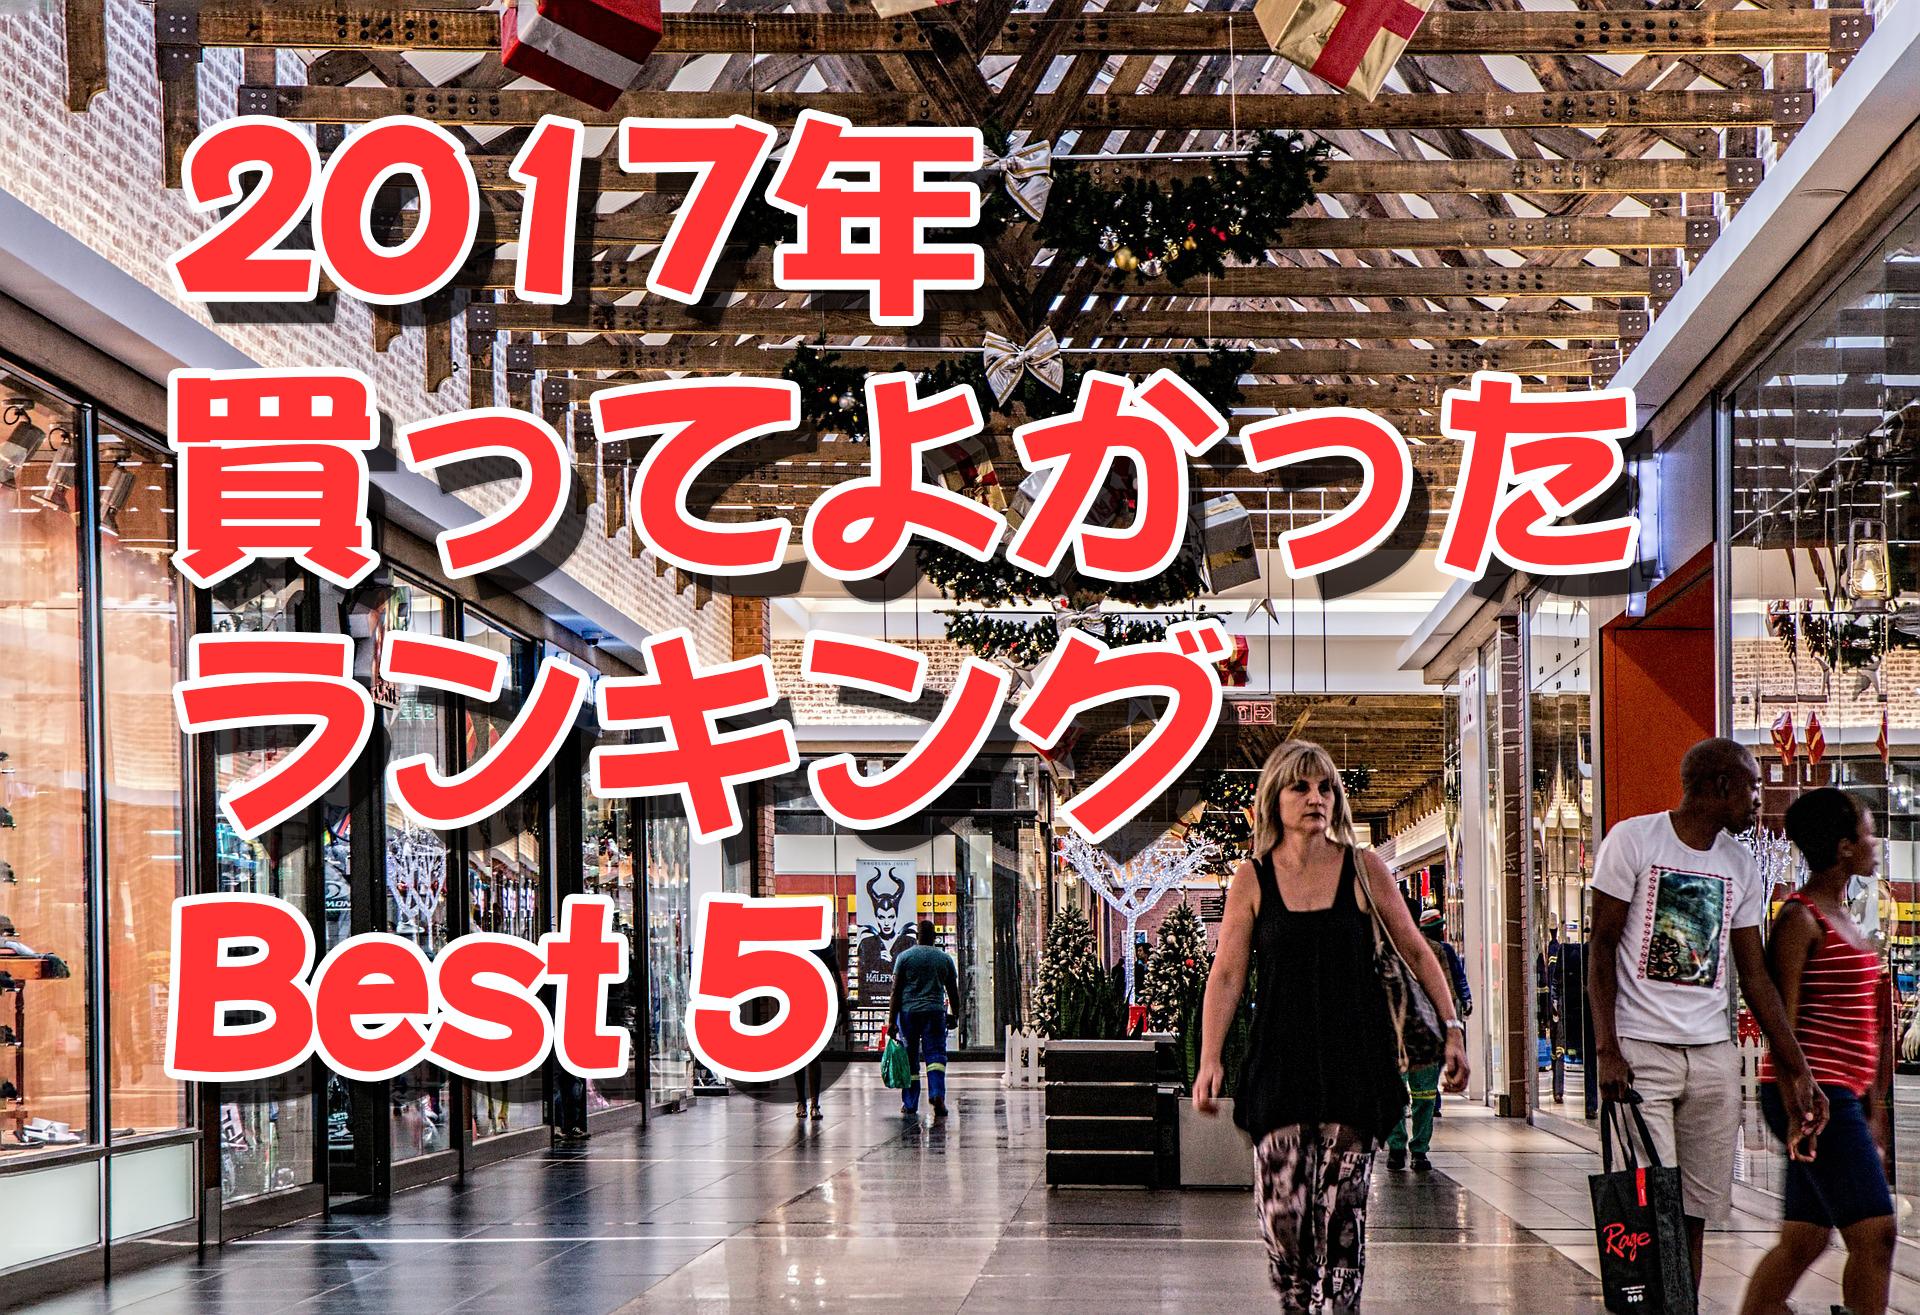 2017年買ってよかったものランキング【ガジェット】